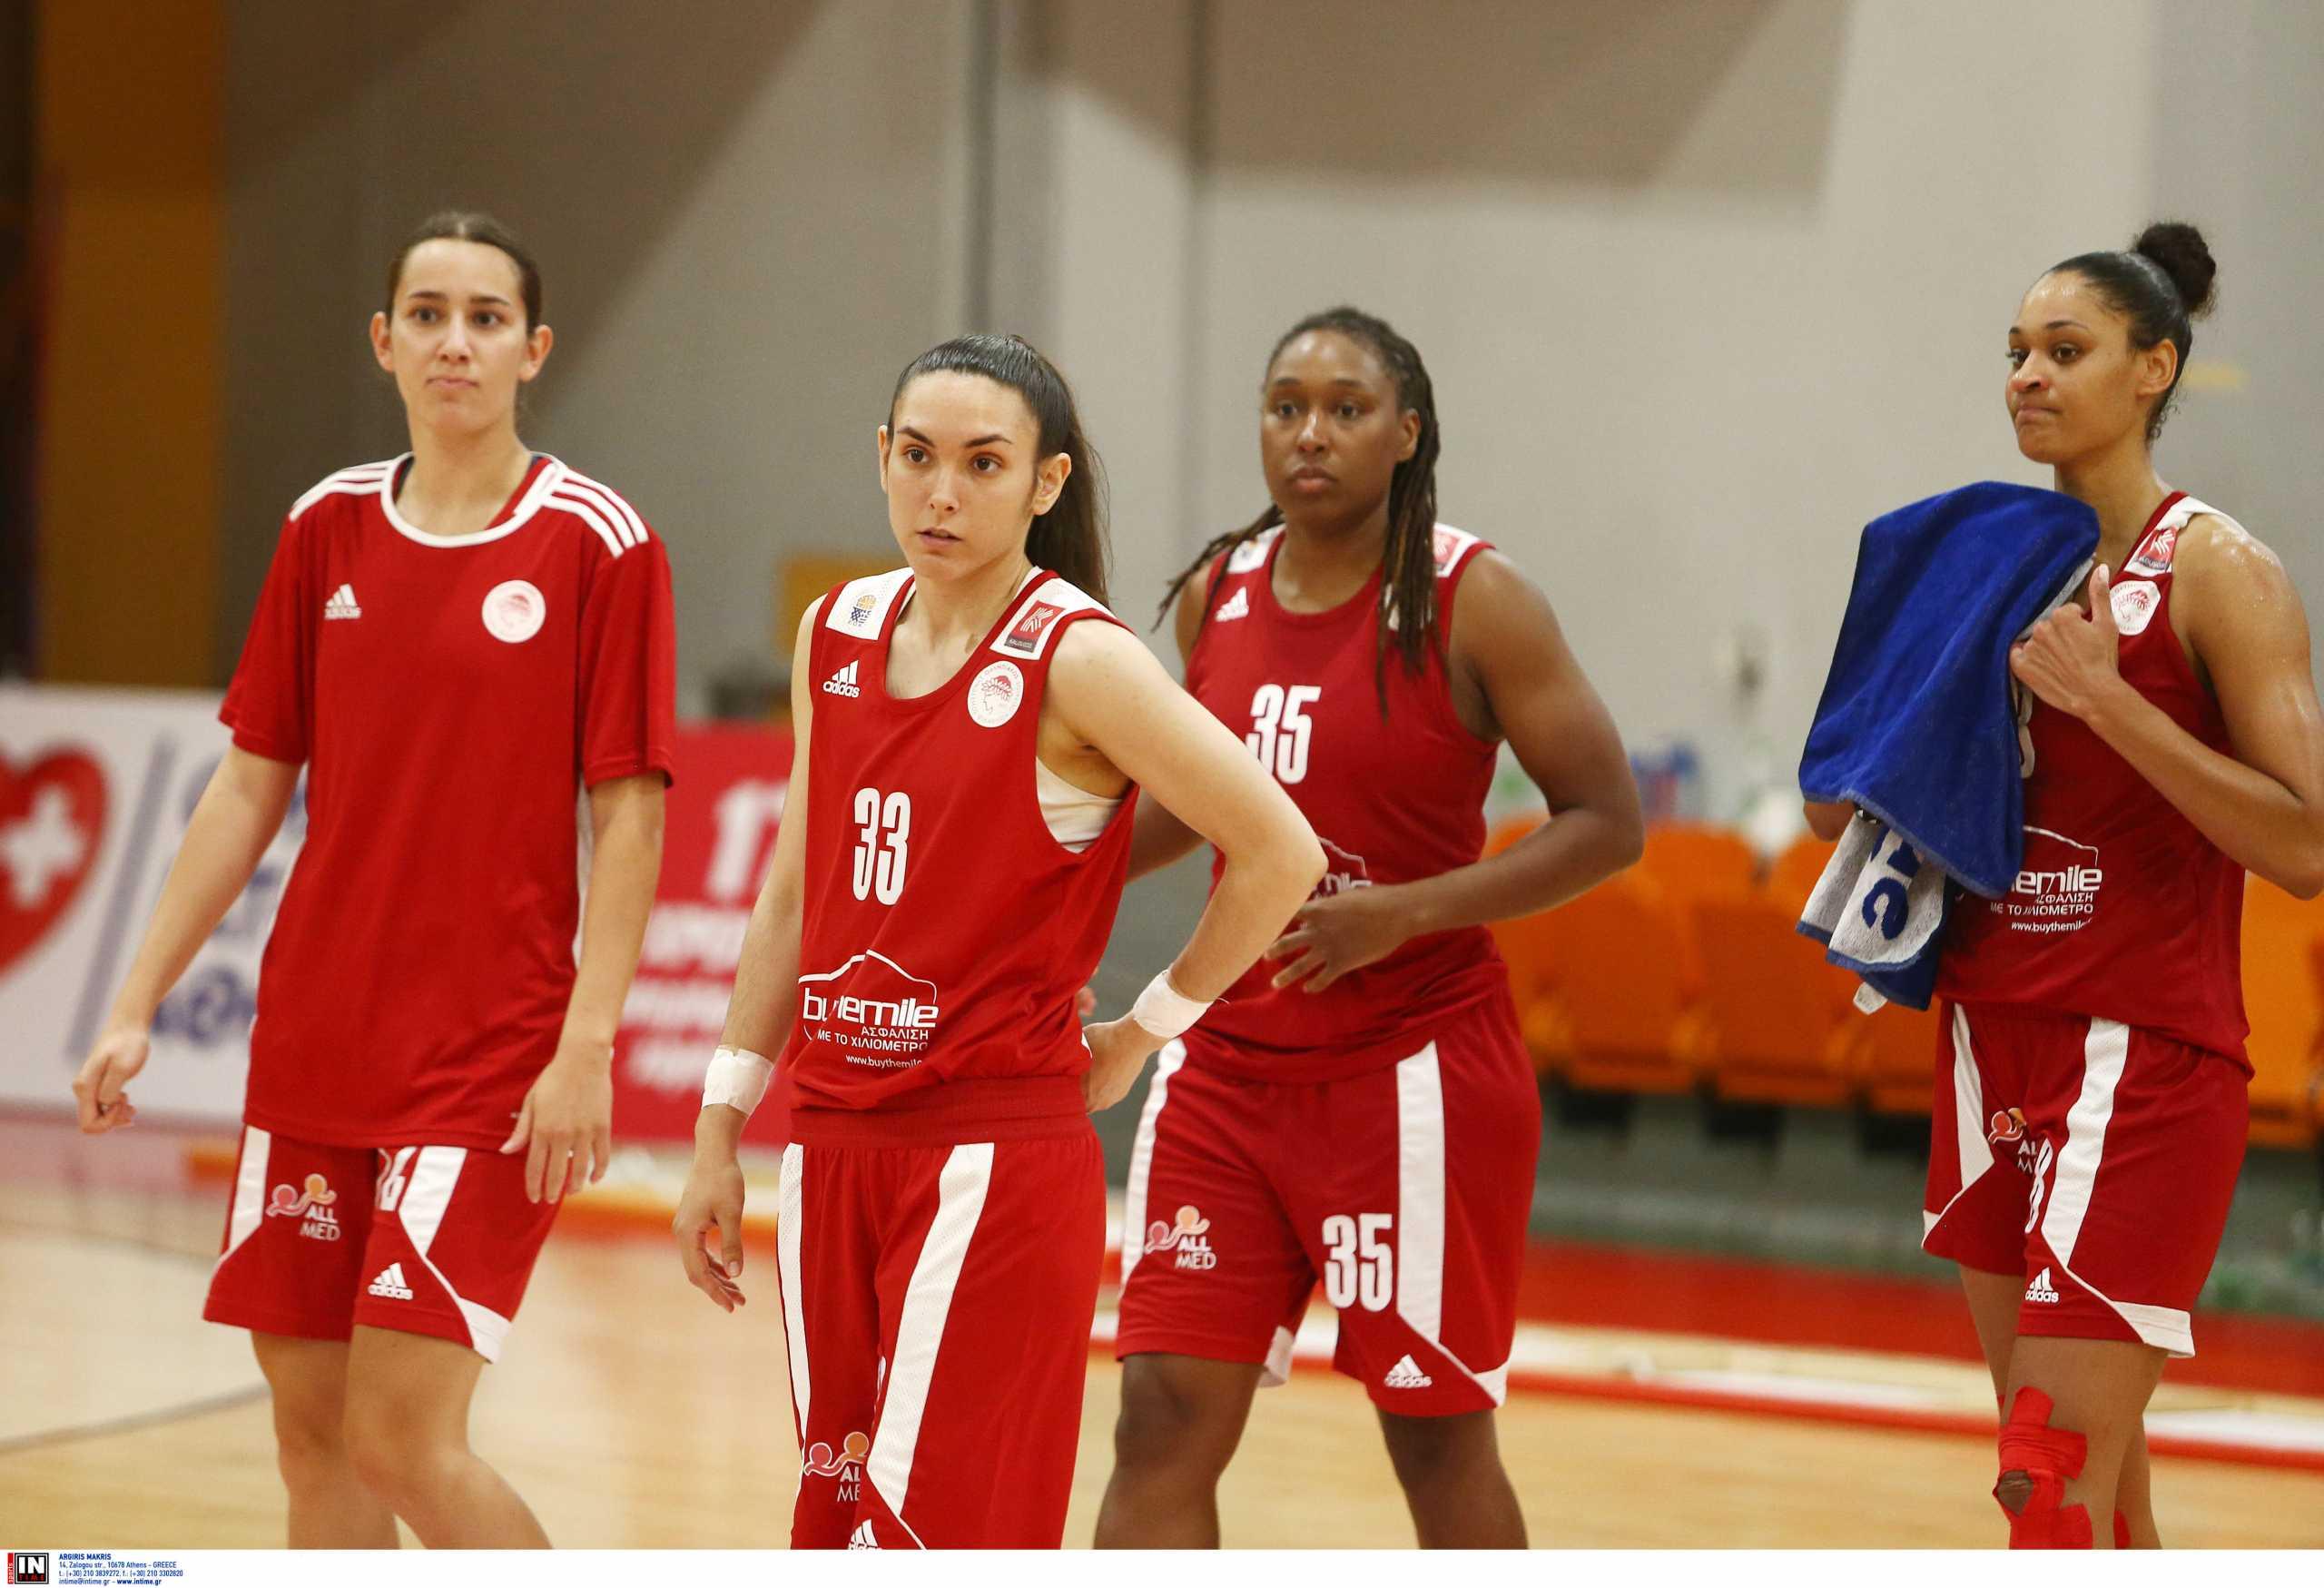 """Ολυμπιακός: «Έχουν μετατρέψει σε """"θέατρο σκιών"""" το ελληνικό μπάσκετ»"""